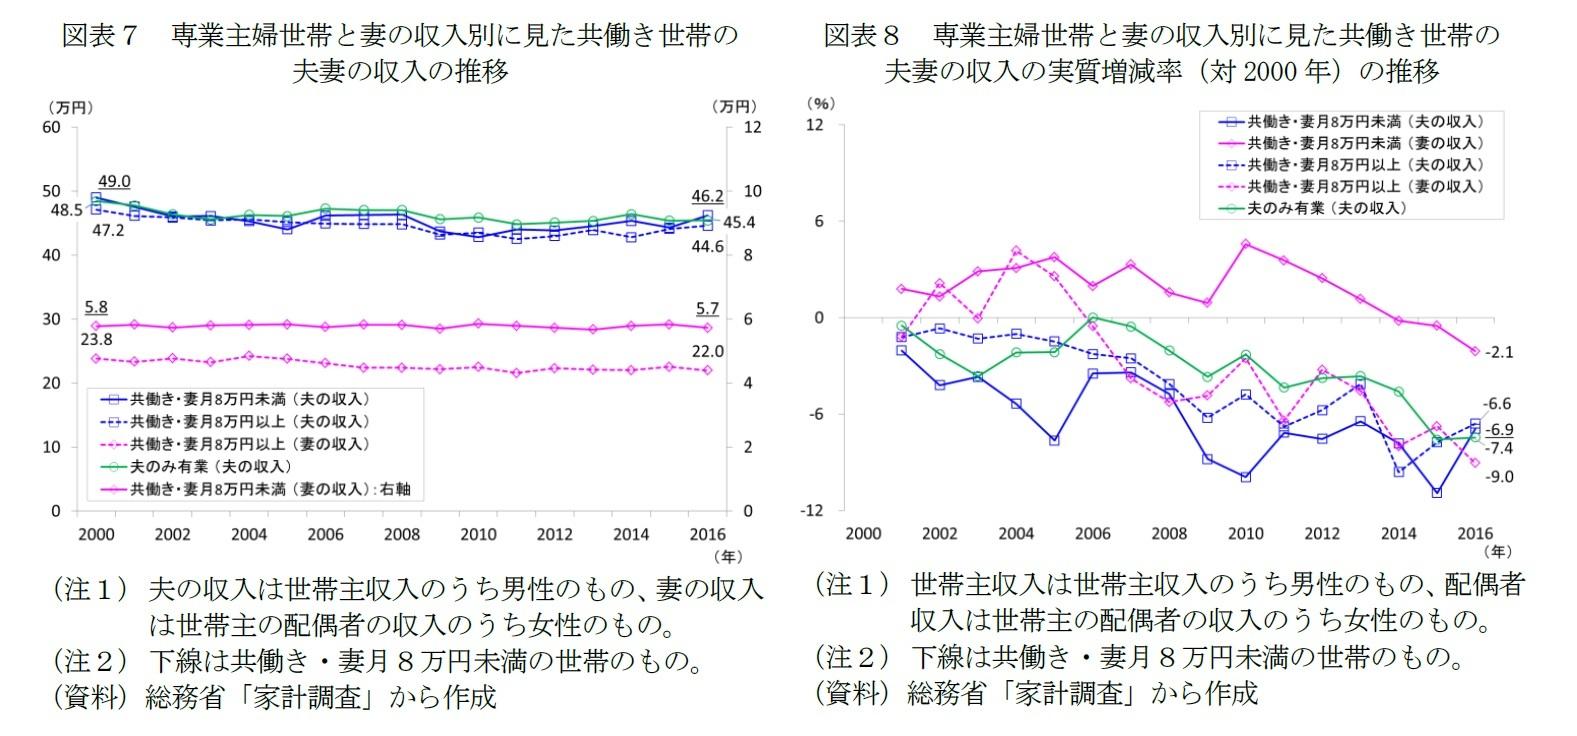 図表7 専業主婦世帯と妻の収入別に見た共働き世帯の夫妻の収入の推移/図表8 専業主婦世帯と妻の収入別に見た共働き世帯の夫妻の収入の実質増減率(対2000年)の推移